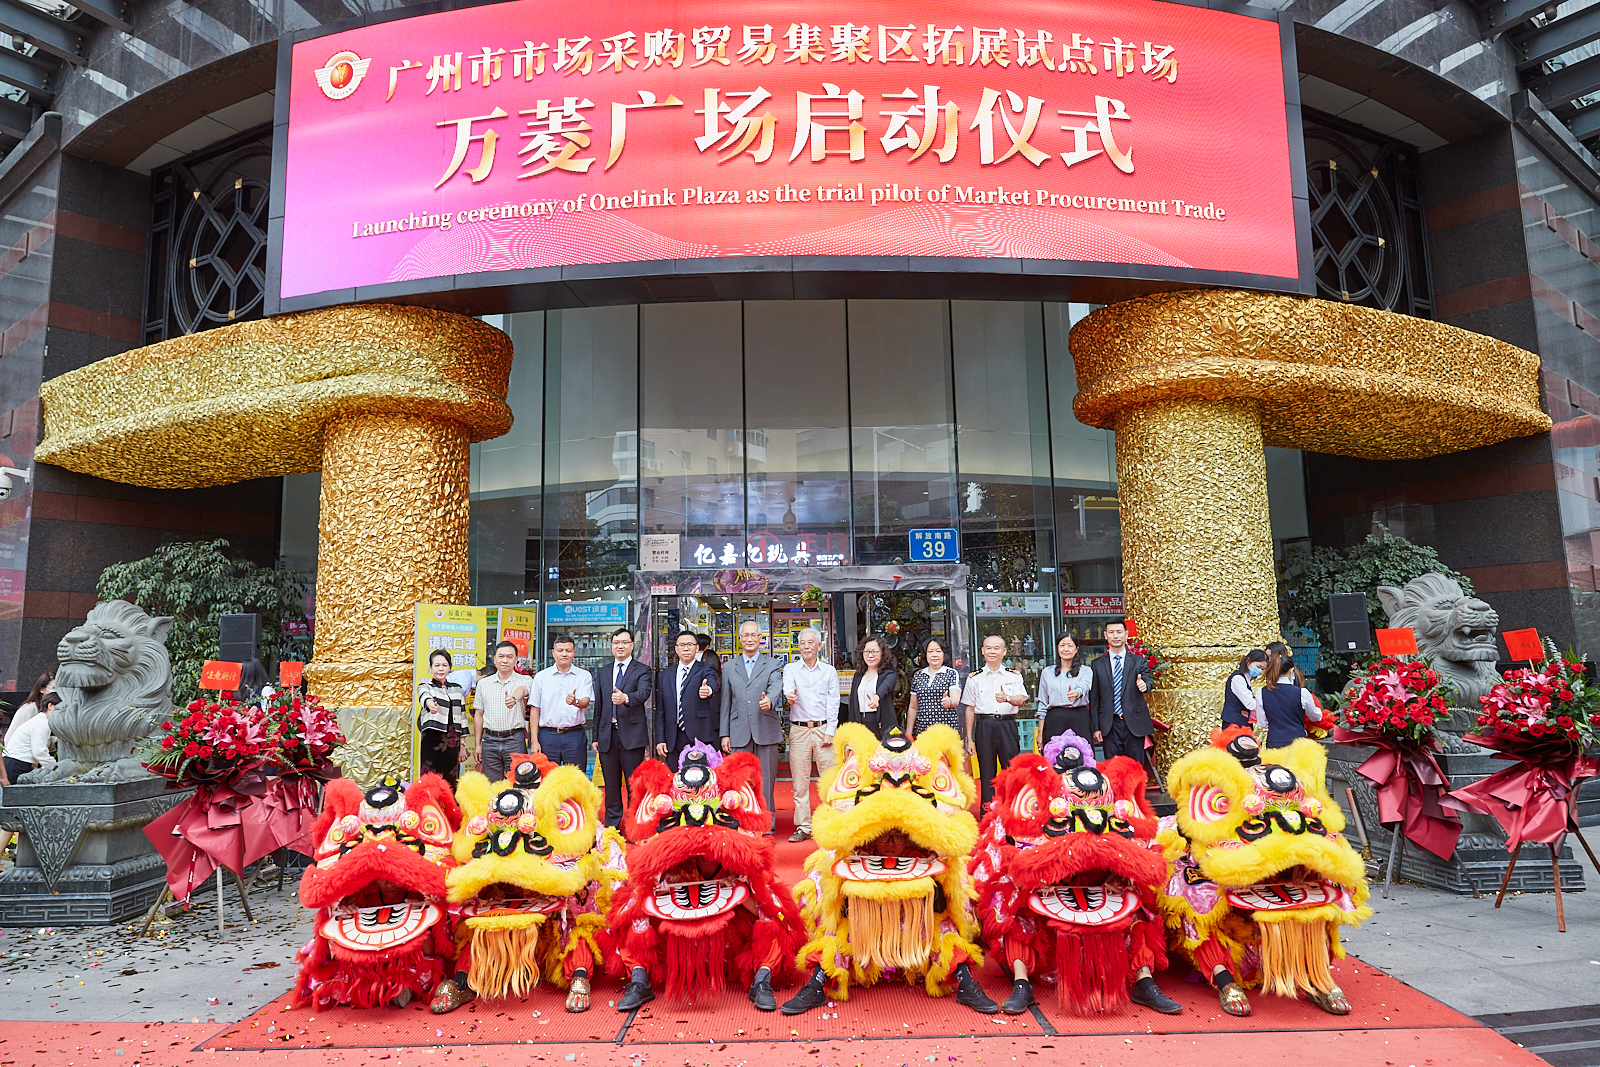 广州市市场采购贸易集聚区拓展试点市场——万菱广场启动仪式